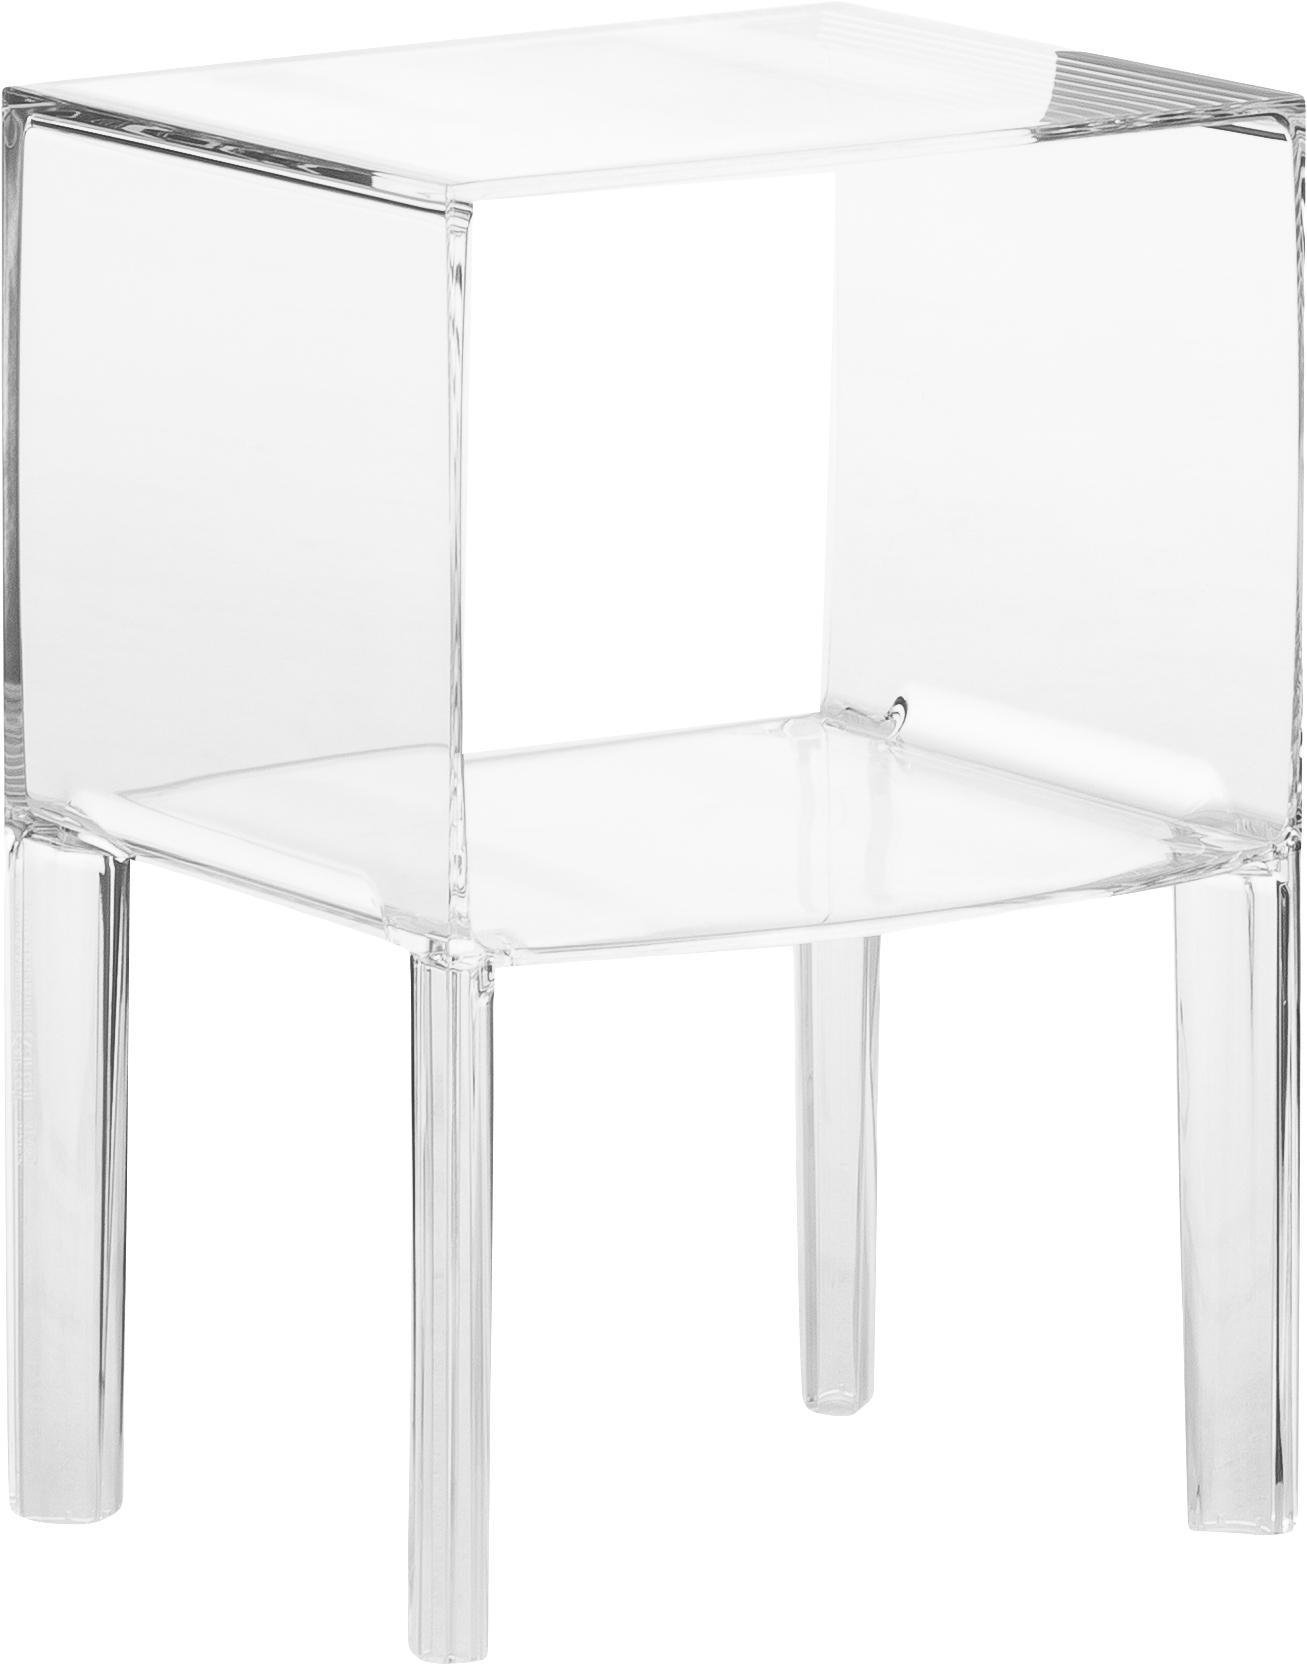 Nachtkastje Ghost Buster, Kunststof, Transparant, 40 x 57 cm